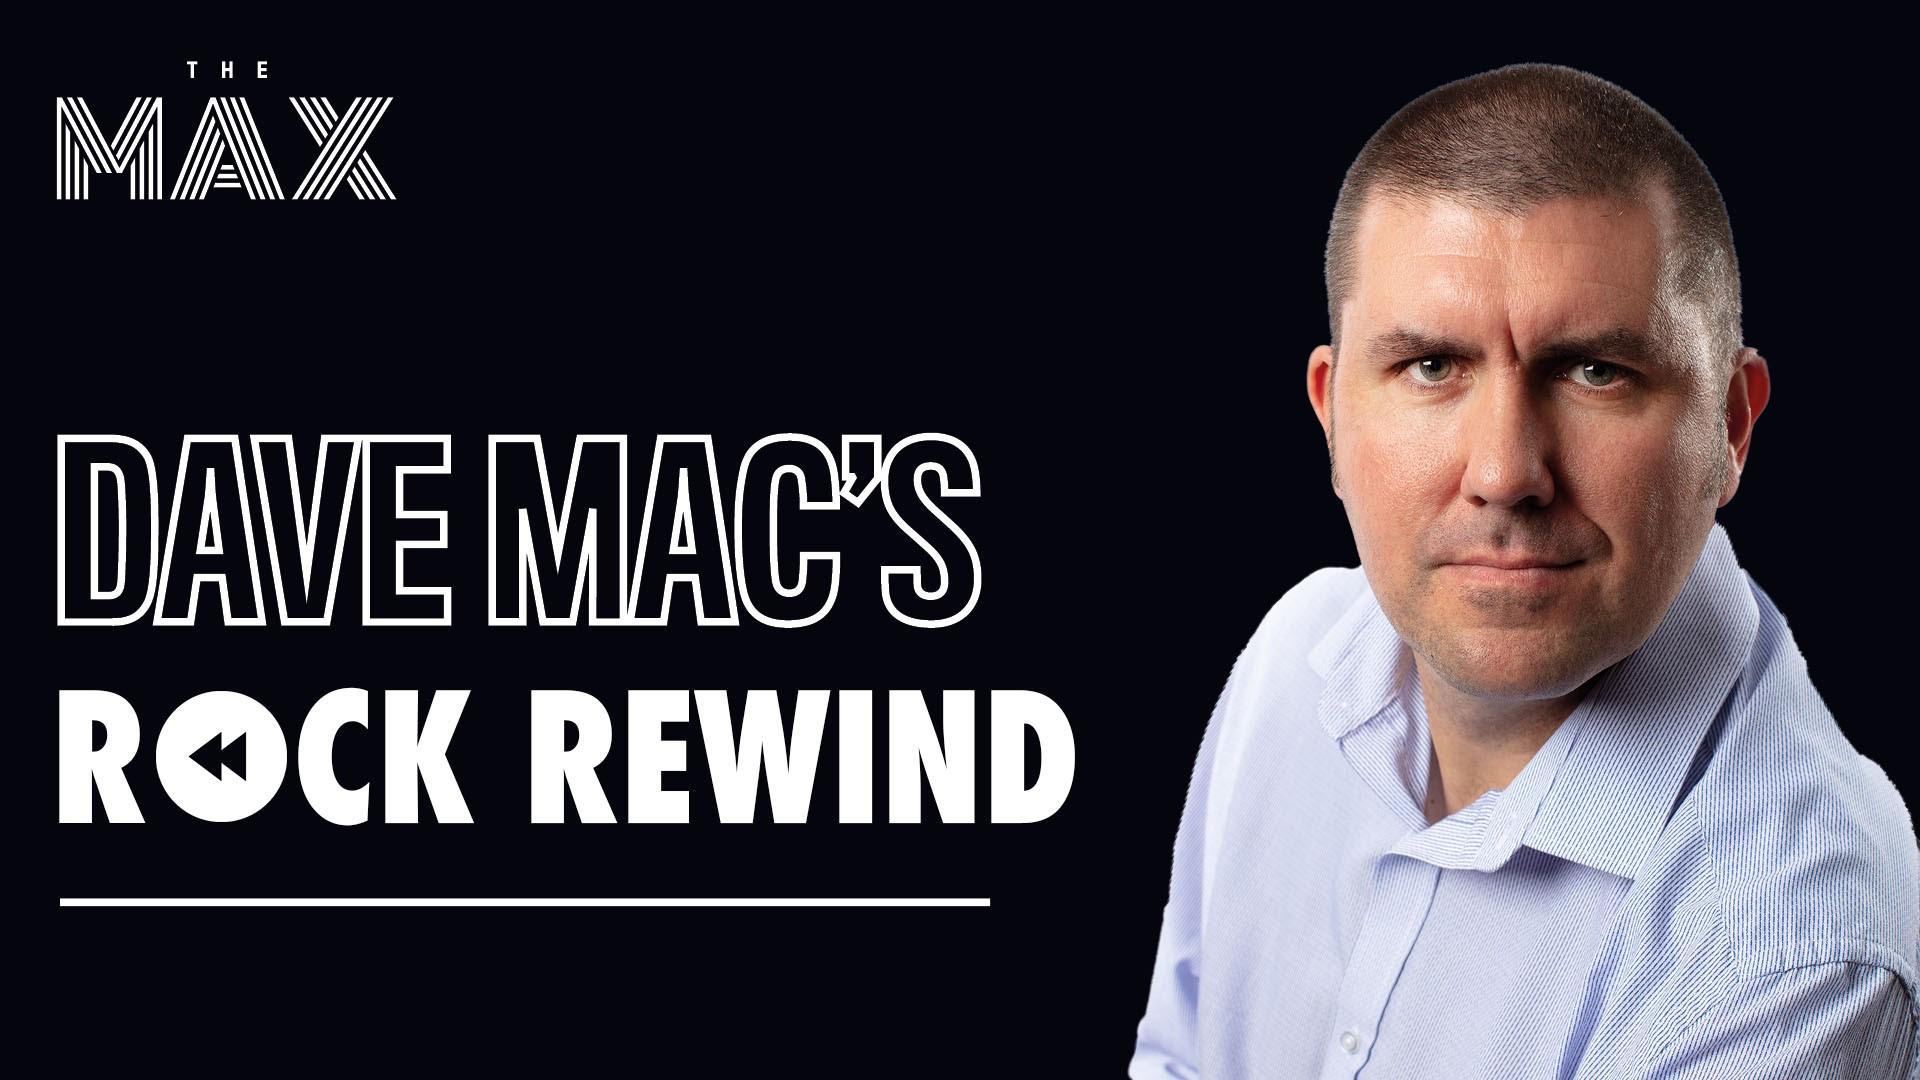 Dave Mac's Rock Rewind